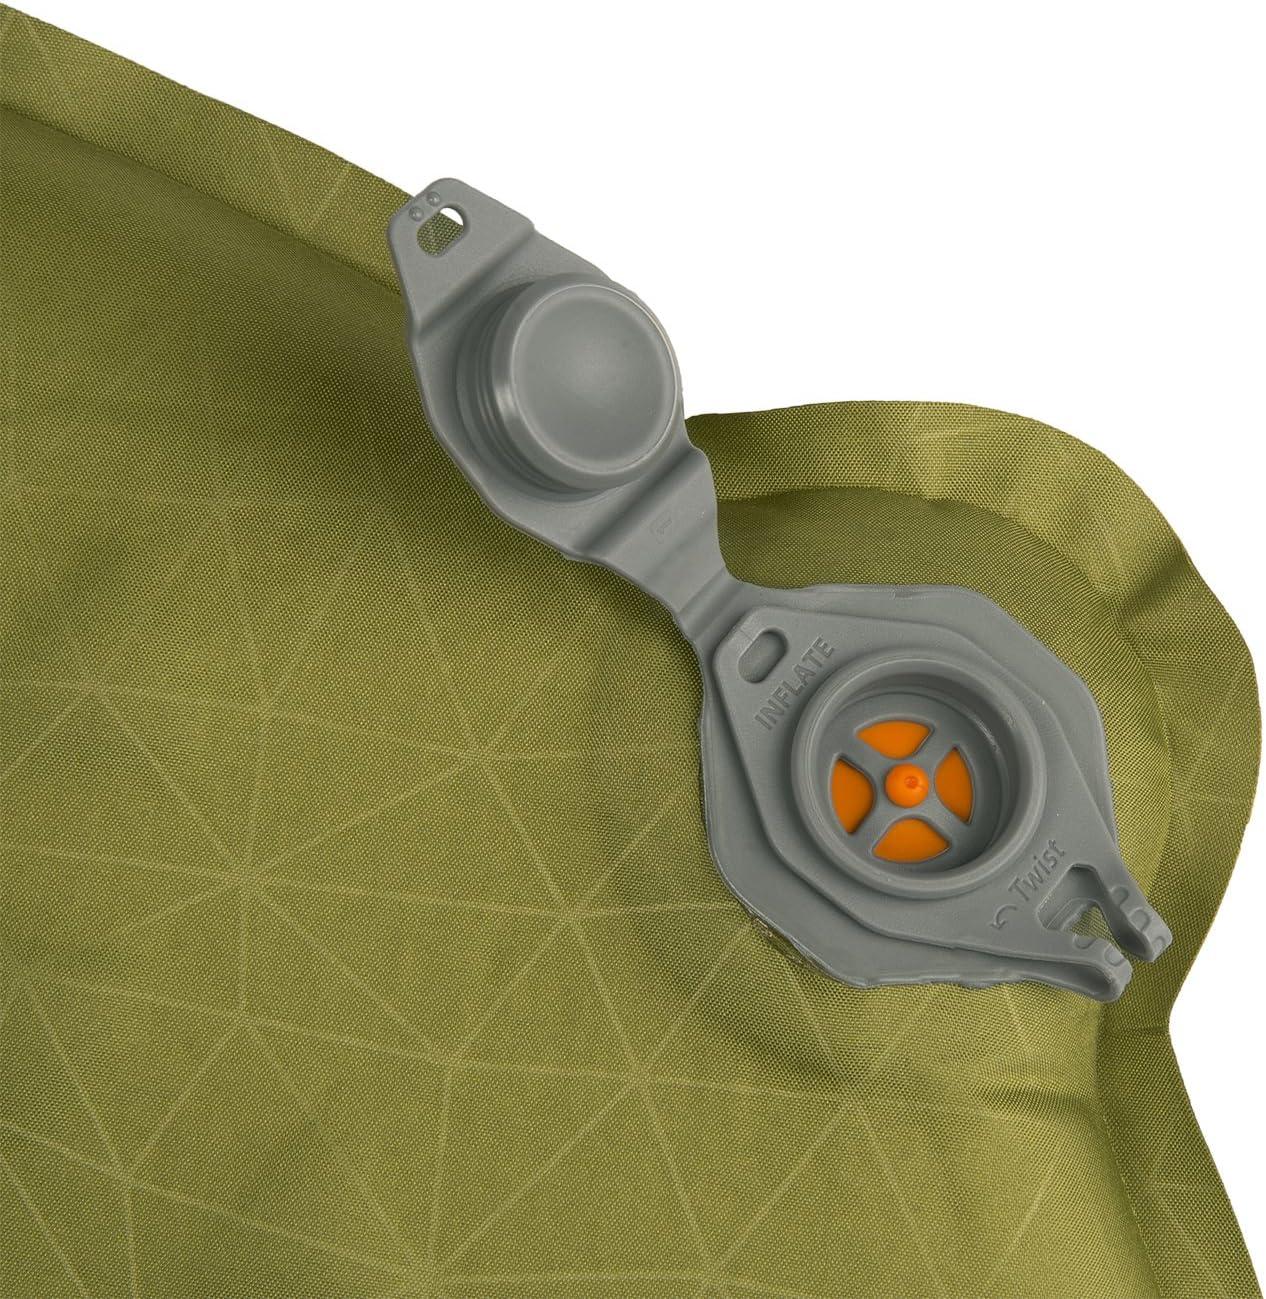 /t/érmica Colch/ón de Aire Sea to Summit Ultralight Insulated Mat Regular/